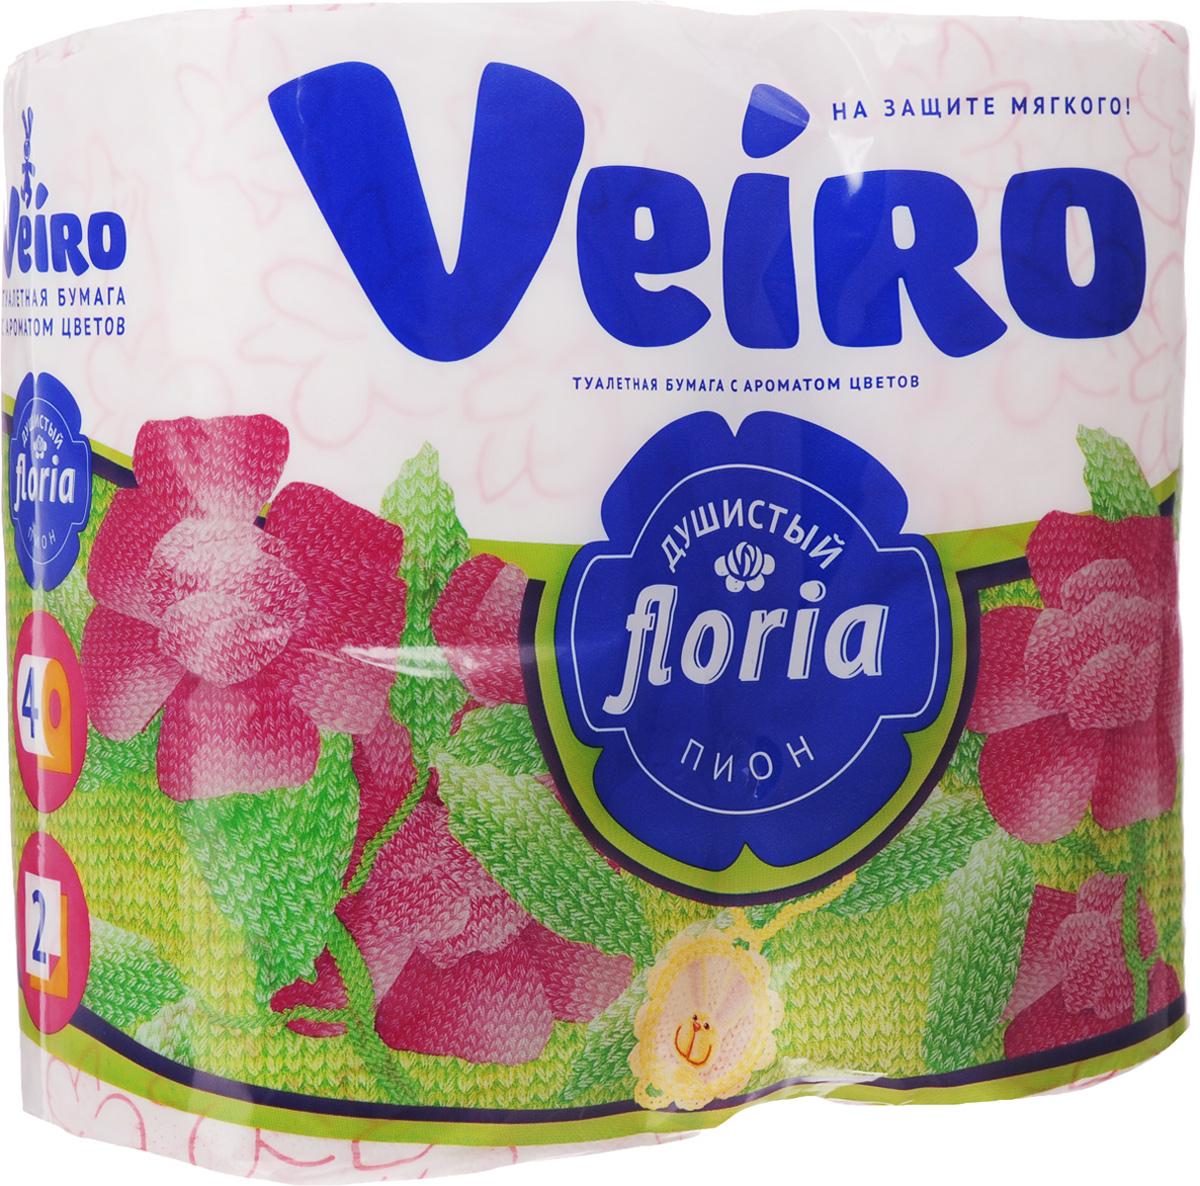 Бумага туалетная Veiro Floria. Душистый пион, ароматизированная, двухслойная, 4 рулона4С24А4Ароматизированная туалетная бумага Veiro Floria. Душистый пион, выполненная из натуральной целлюлозы и обладает приятным ароматом цветов. Двухслойная туалетная бумага мягкая, нежная, но в тоже время прочная, с отрывом по линии перфорации. Листы имеют рисунок с тиснением. Длина рулона: 21,9 м. Количество слоев: 2. Размер листа: 12,5 х 9,5 см. Состав: 100% целлюлоза.